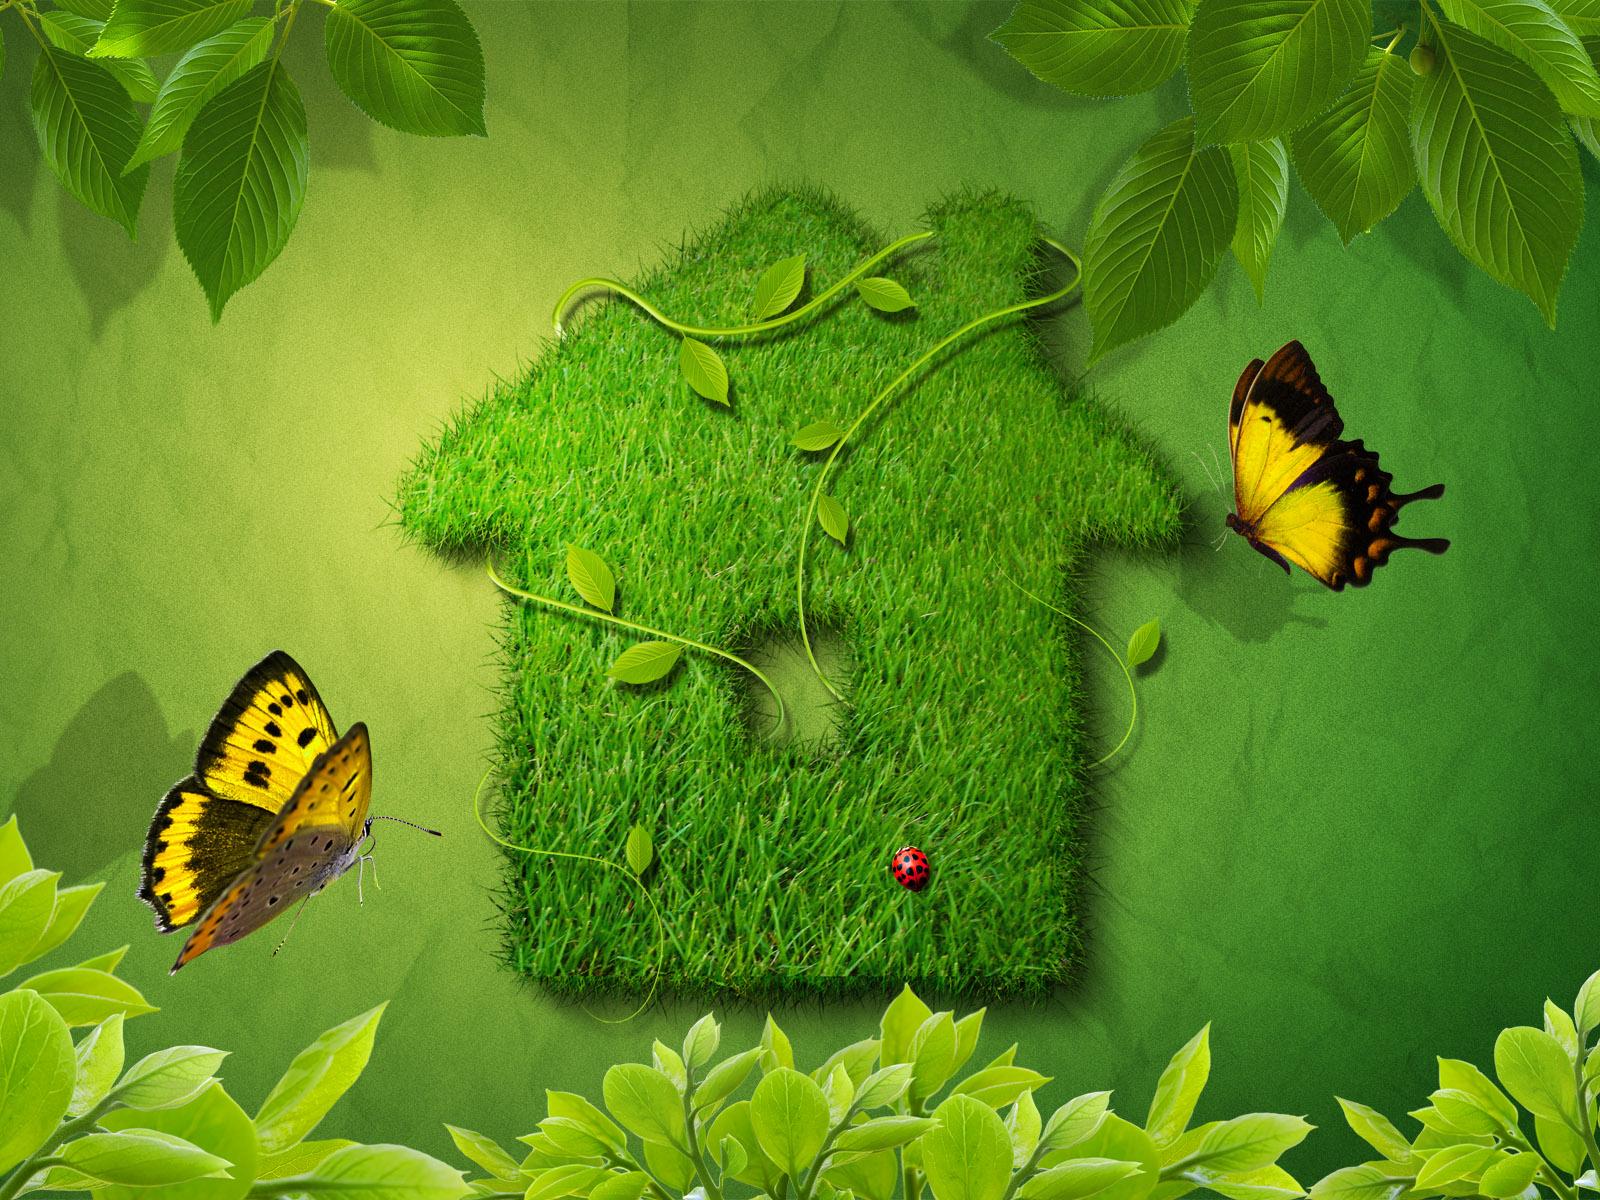 بالصور خلفية خضراء , اروع الخلفيات الخضراء 3644 10